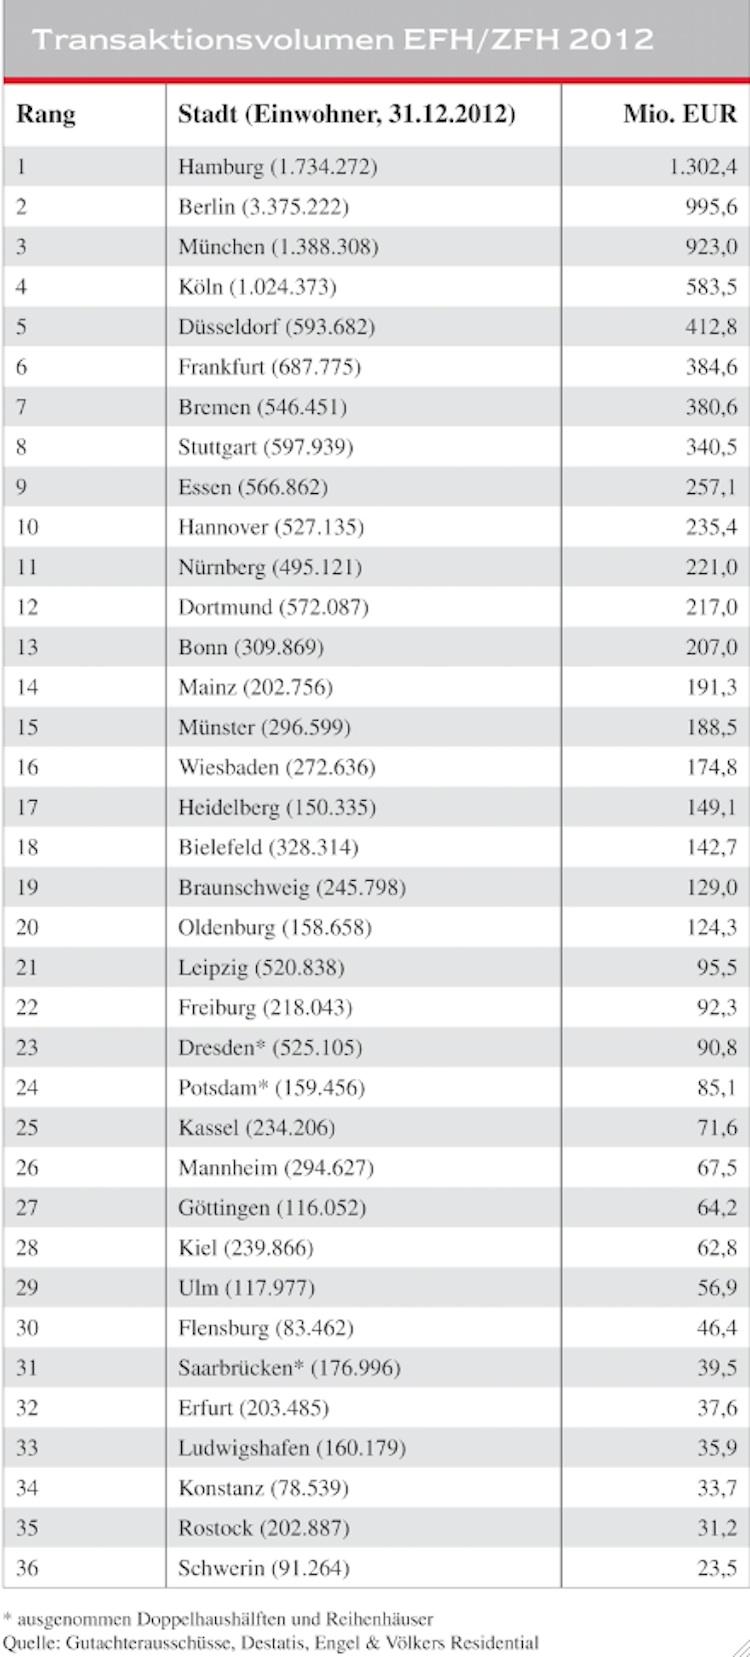 Bildschirmfoto-2014-02-26-um-12 07 401 in Mieten und Kaufpreise in Hamburg weiter im Aufwind